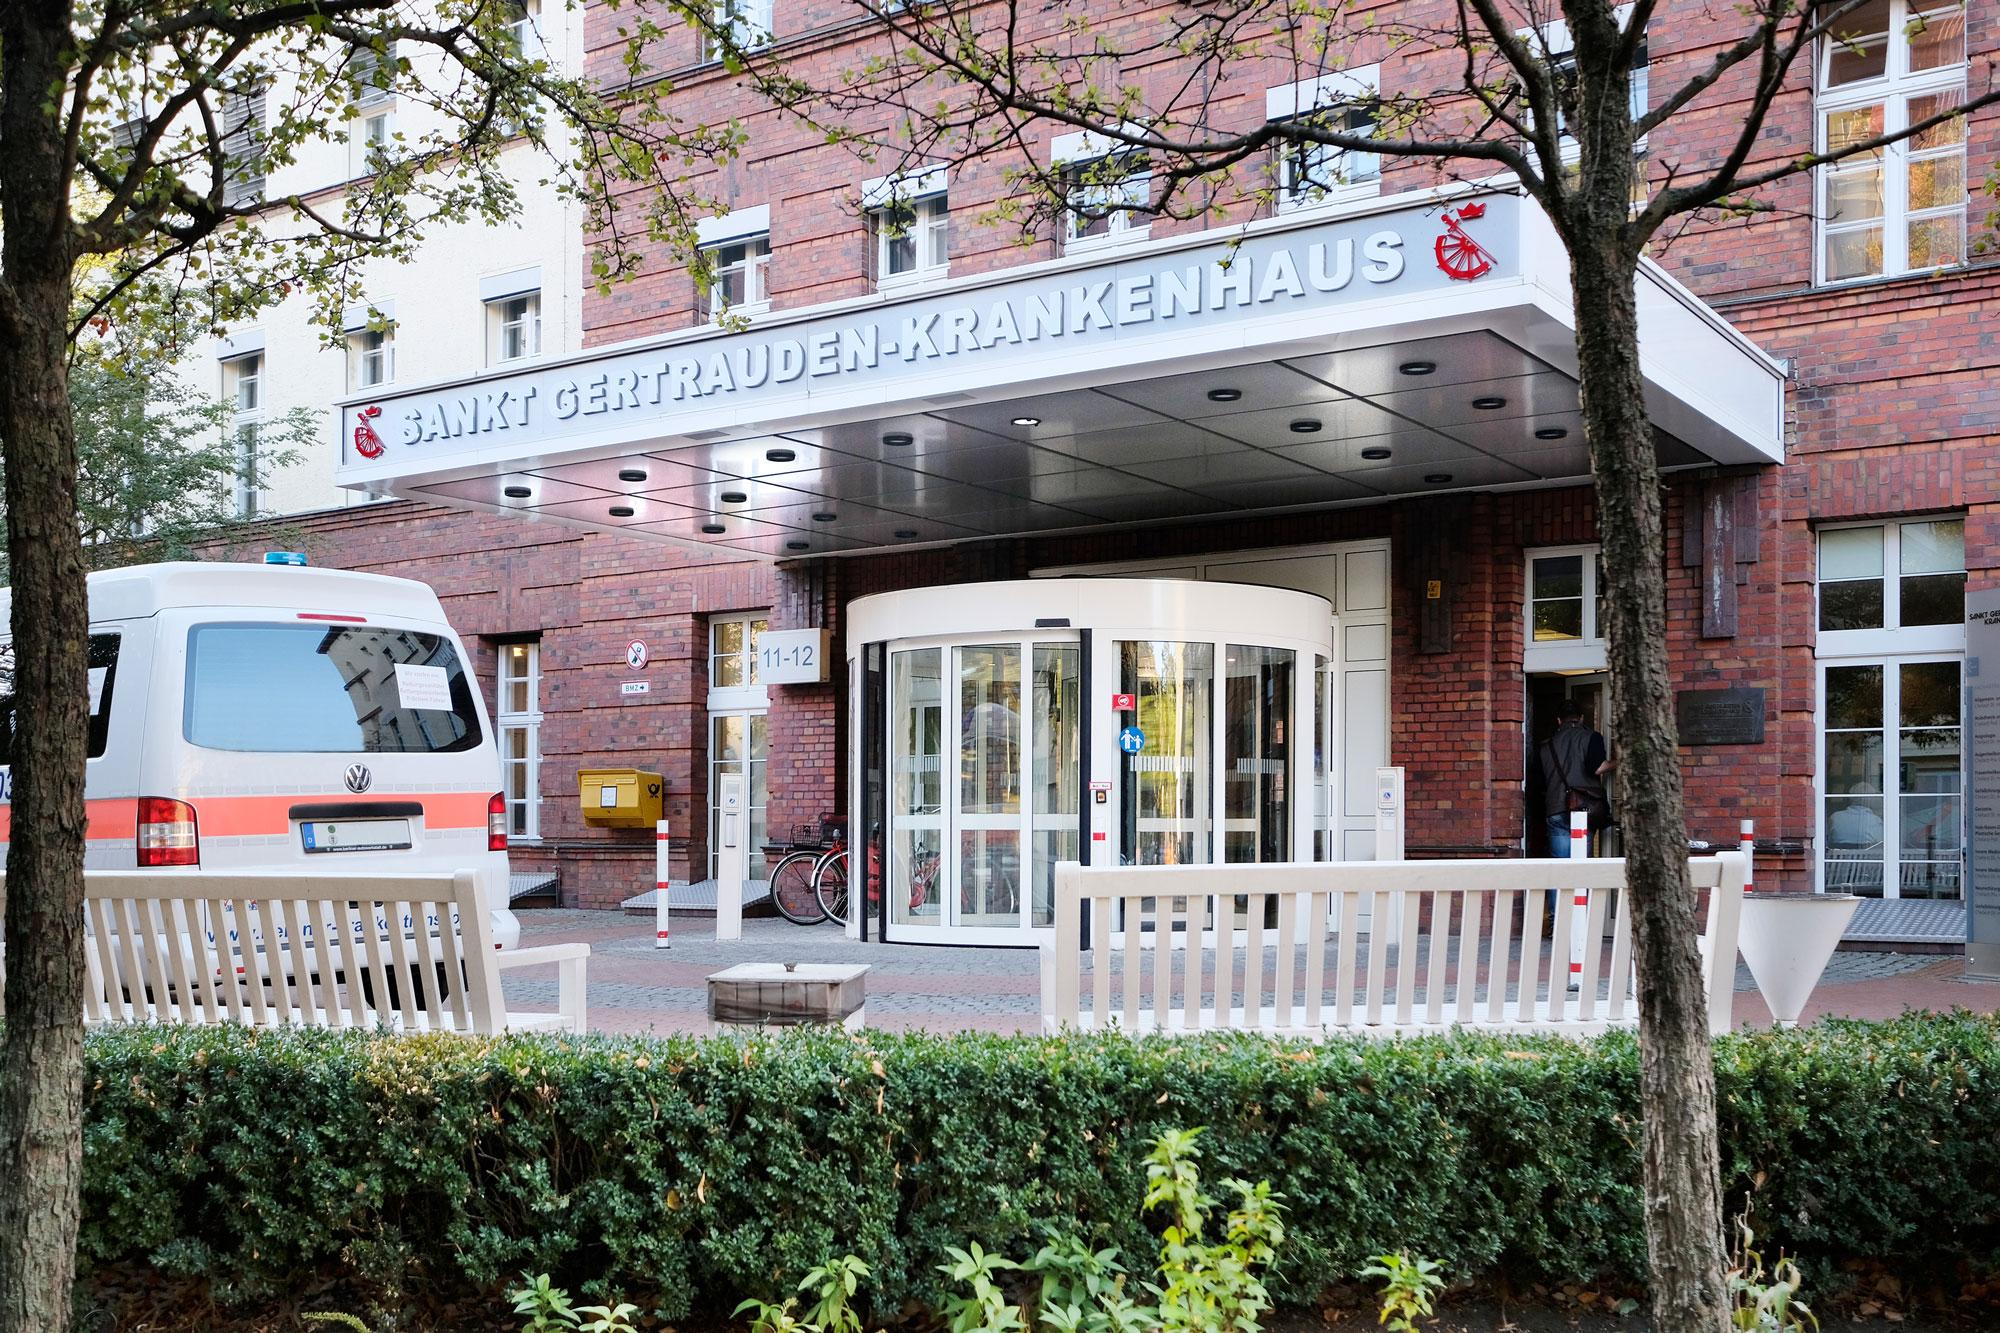 Sankt Gertrauden-Krankenhaus Berlin